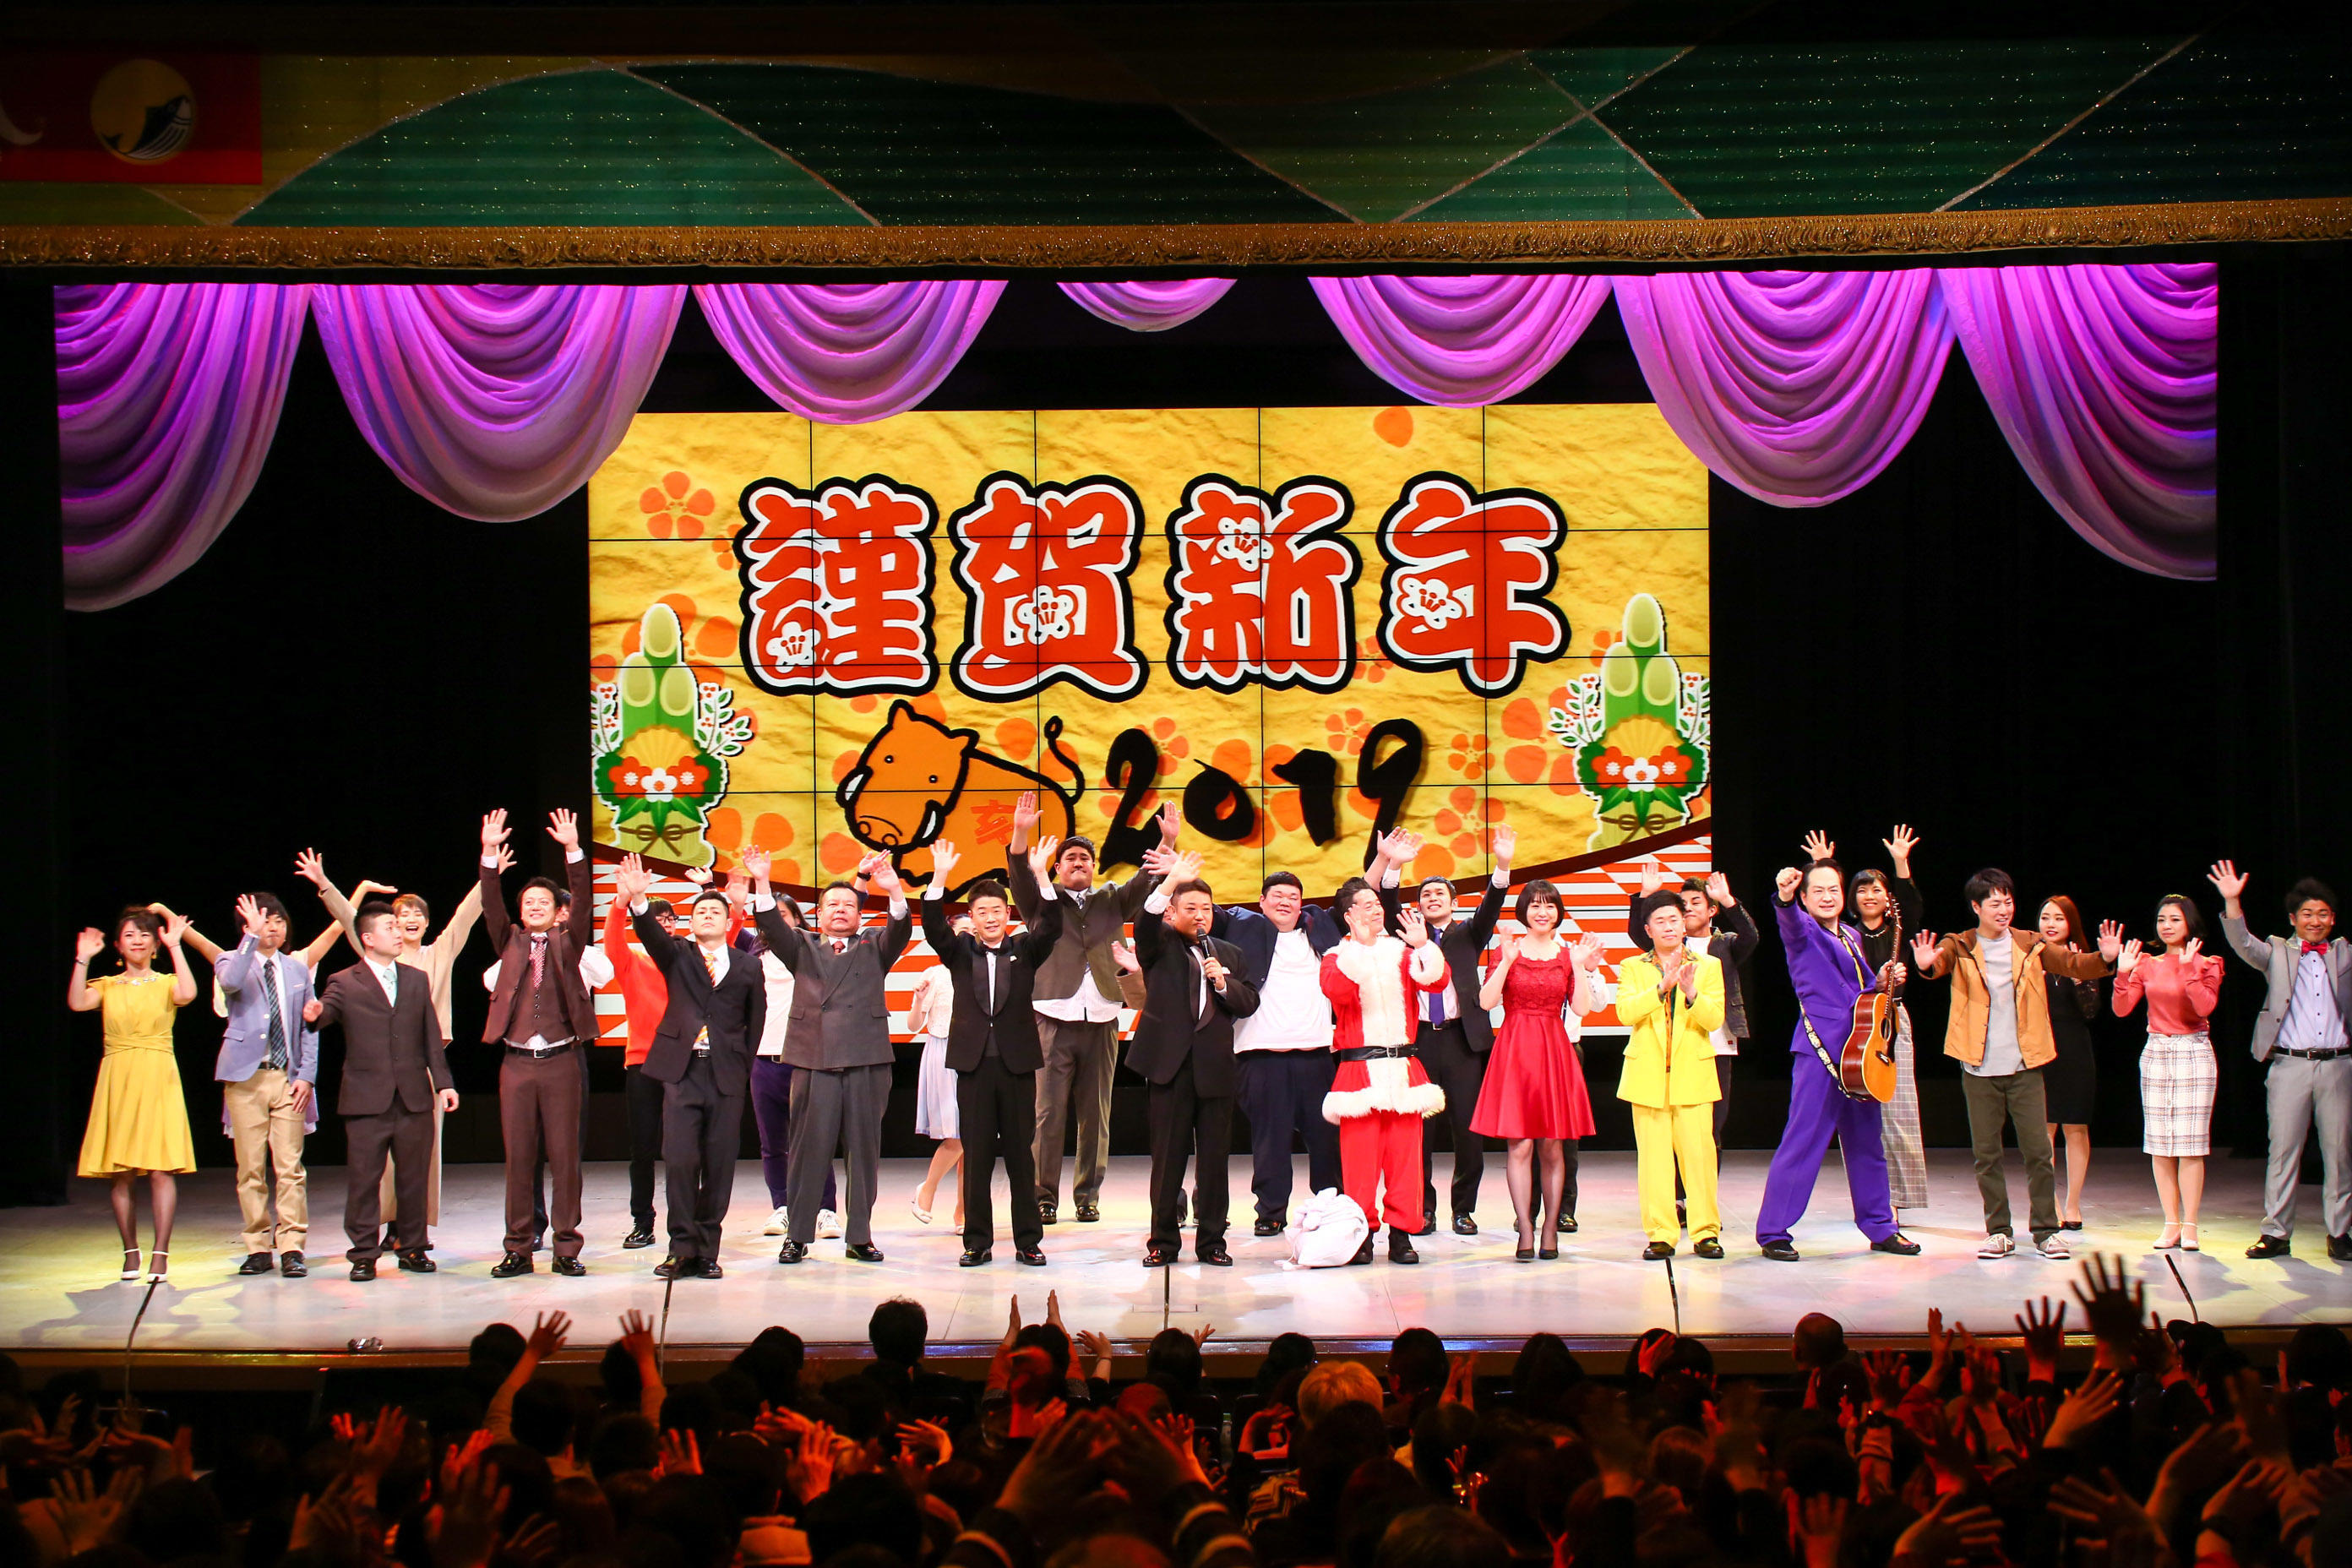 http://news.yoshimoto.co.jp/20190101032545-d9d76abc1a28c1803914f754f9e312d57a361279.jpg